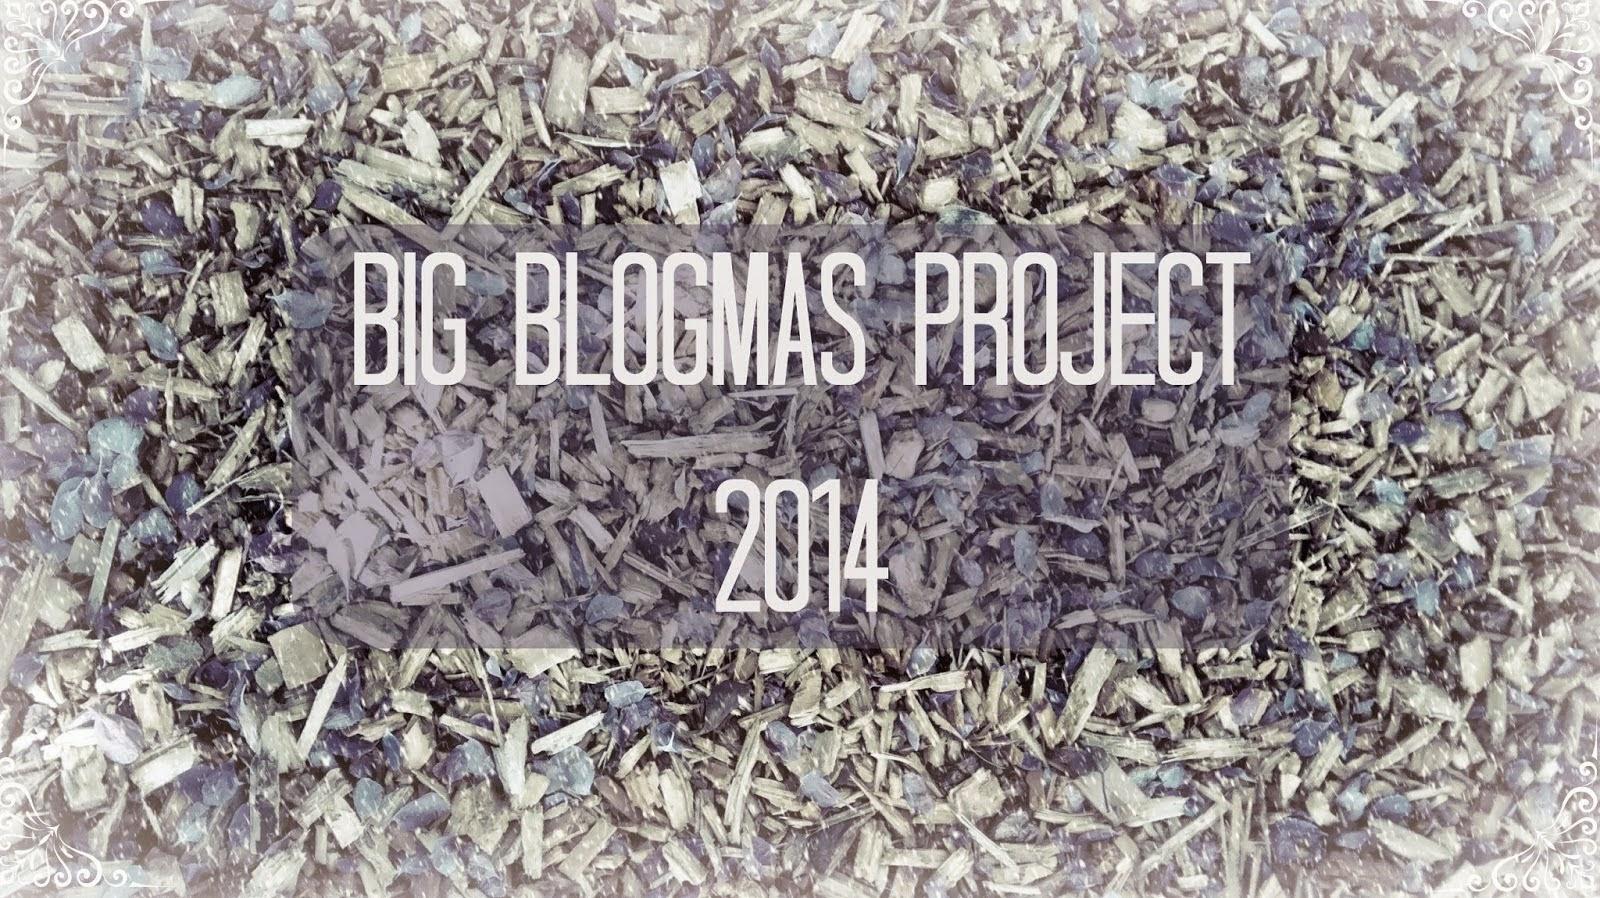 BigBlogmasProject